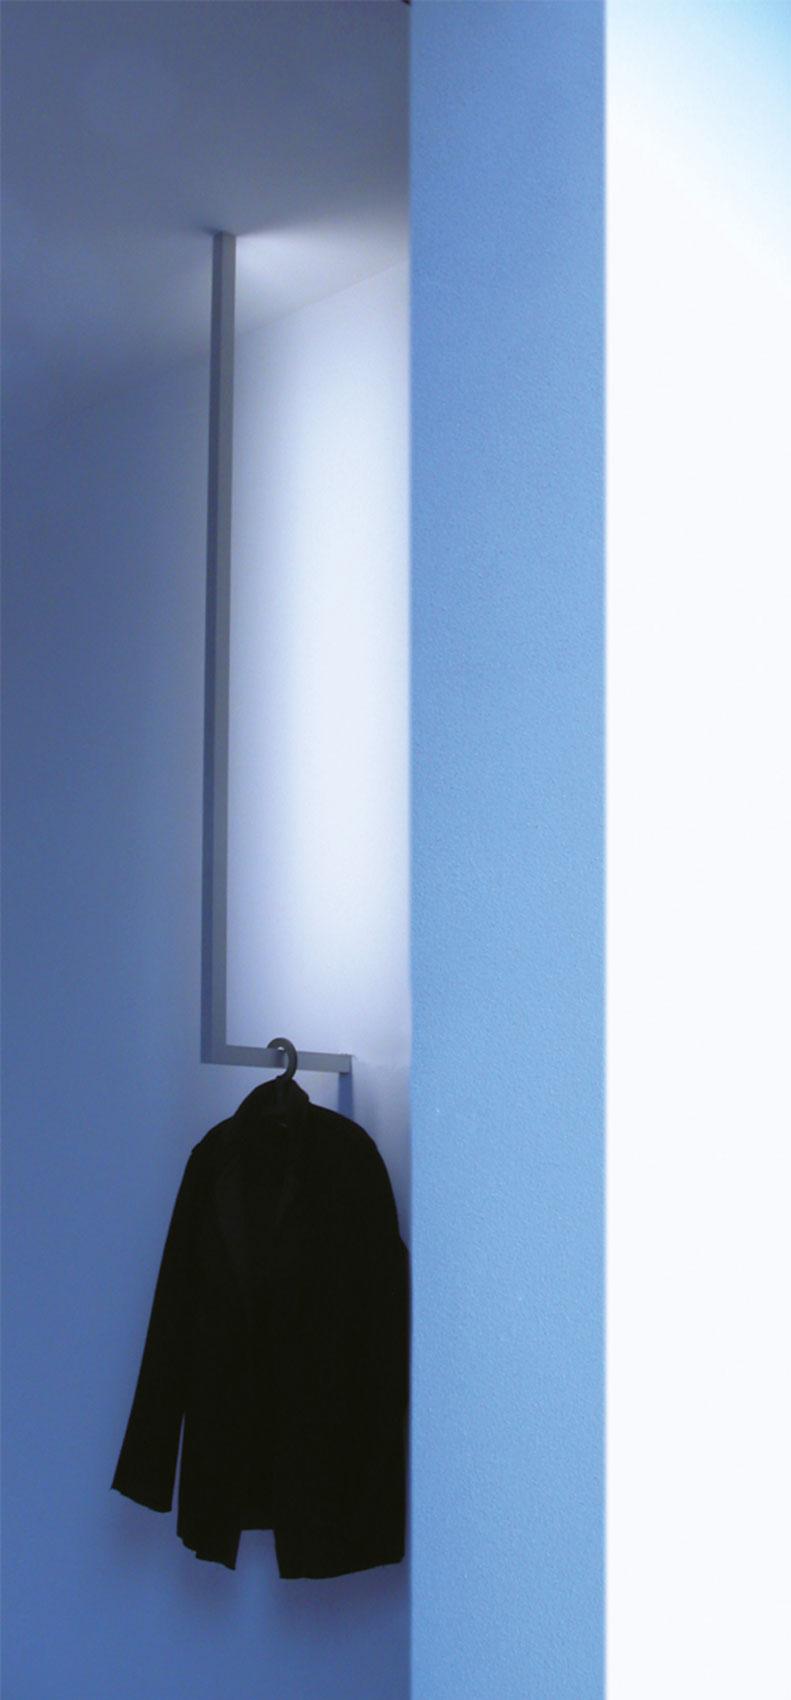 marco-zito-lettere-02